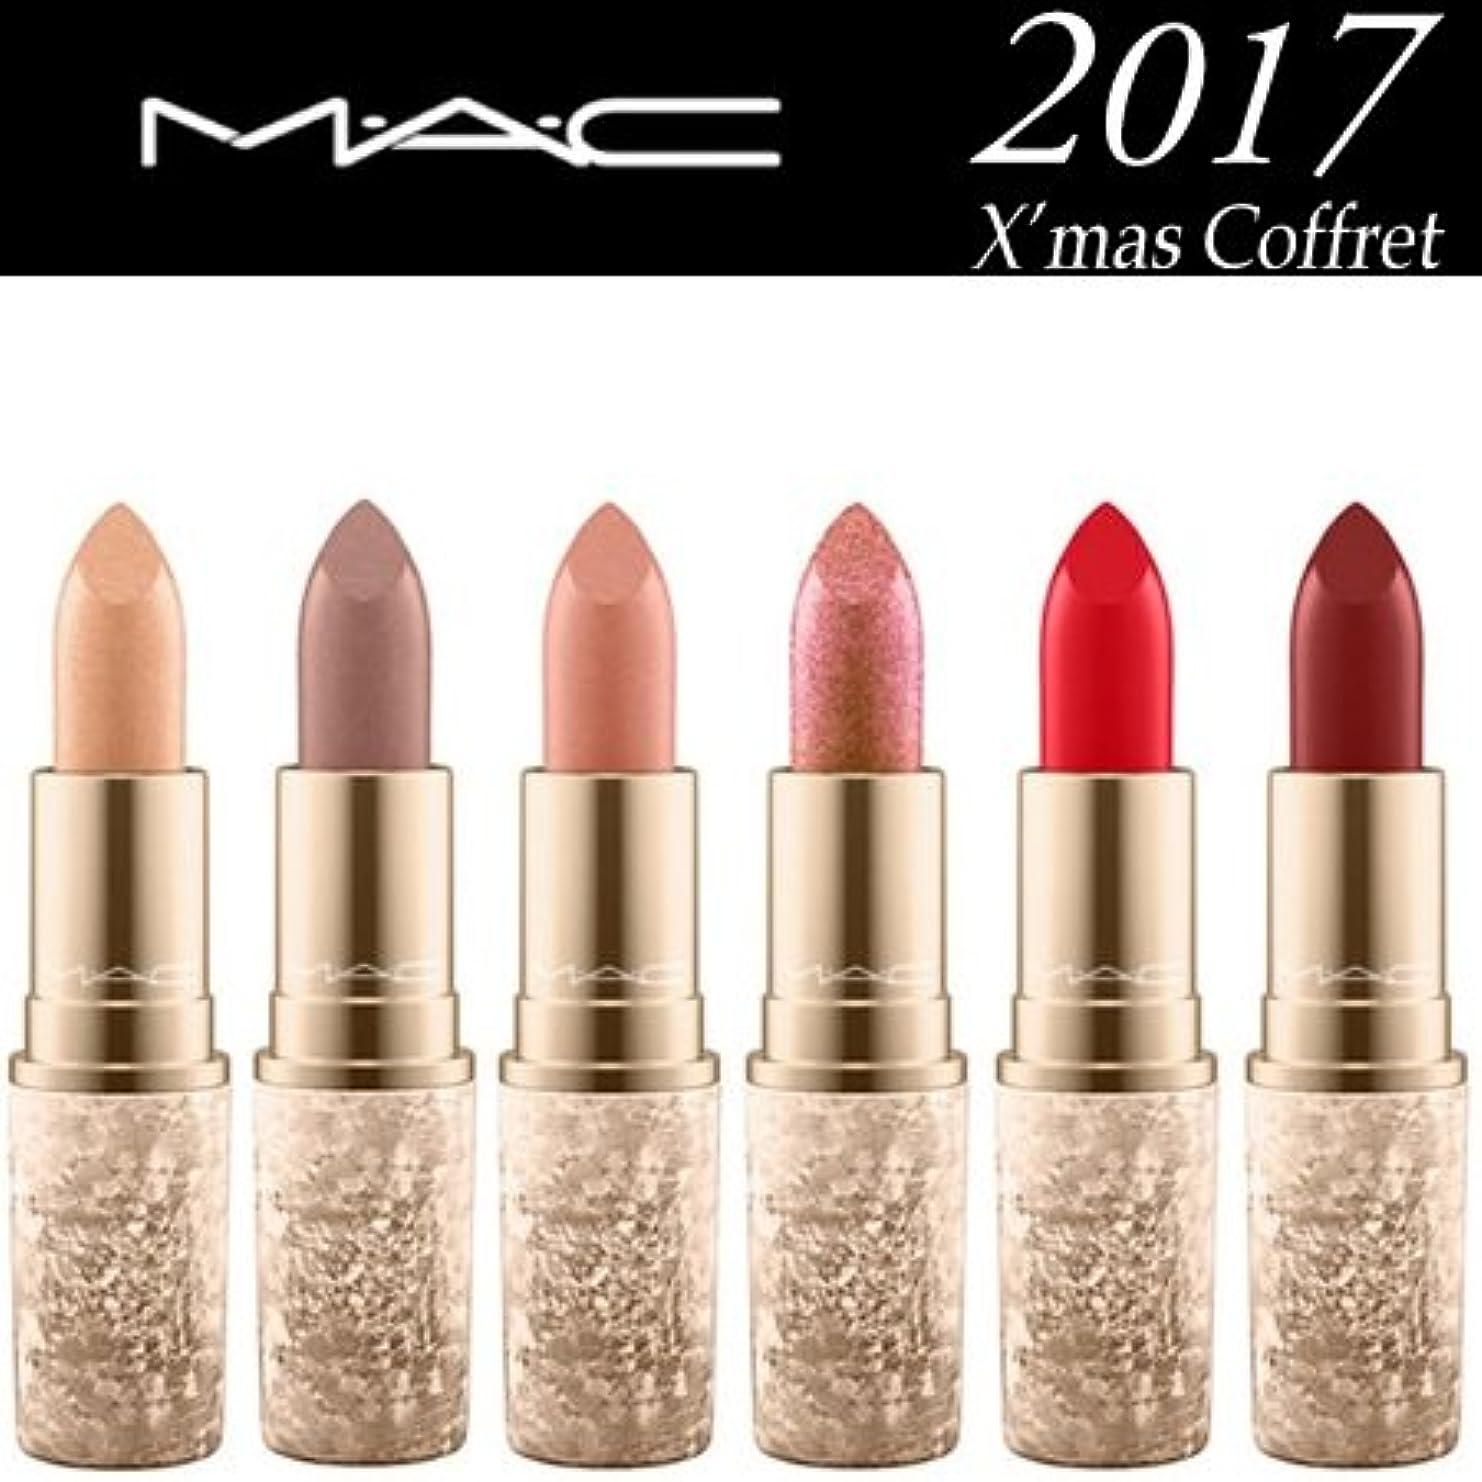 新着ケーブルカー気取らないマック リップスティック 選べる全6色 限定品 2017 クリスマス コフレ M?A?C -MAC- ウォームアイス